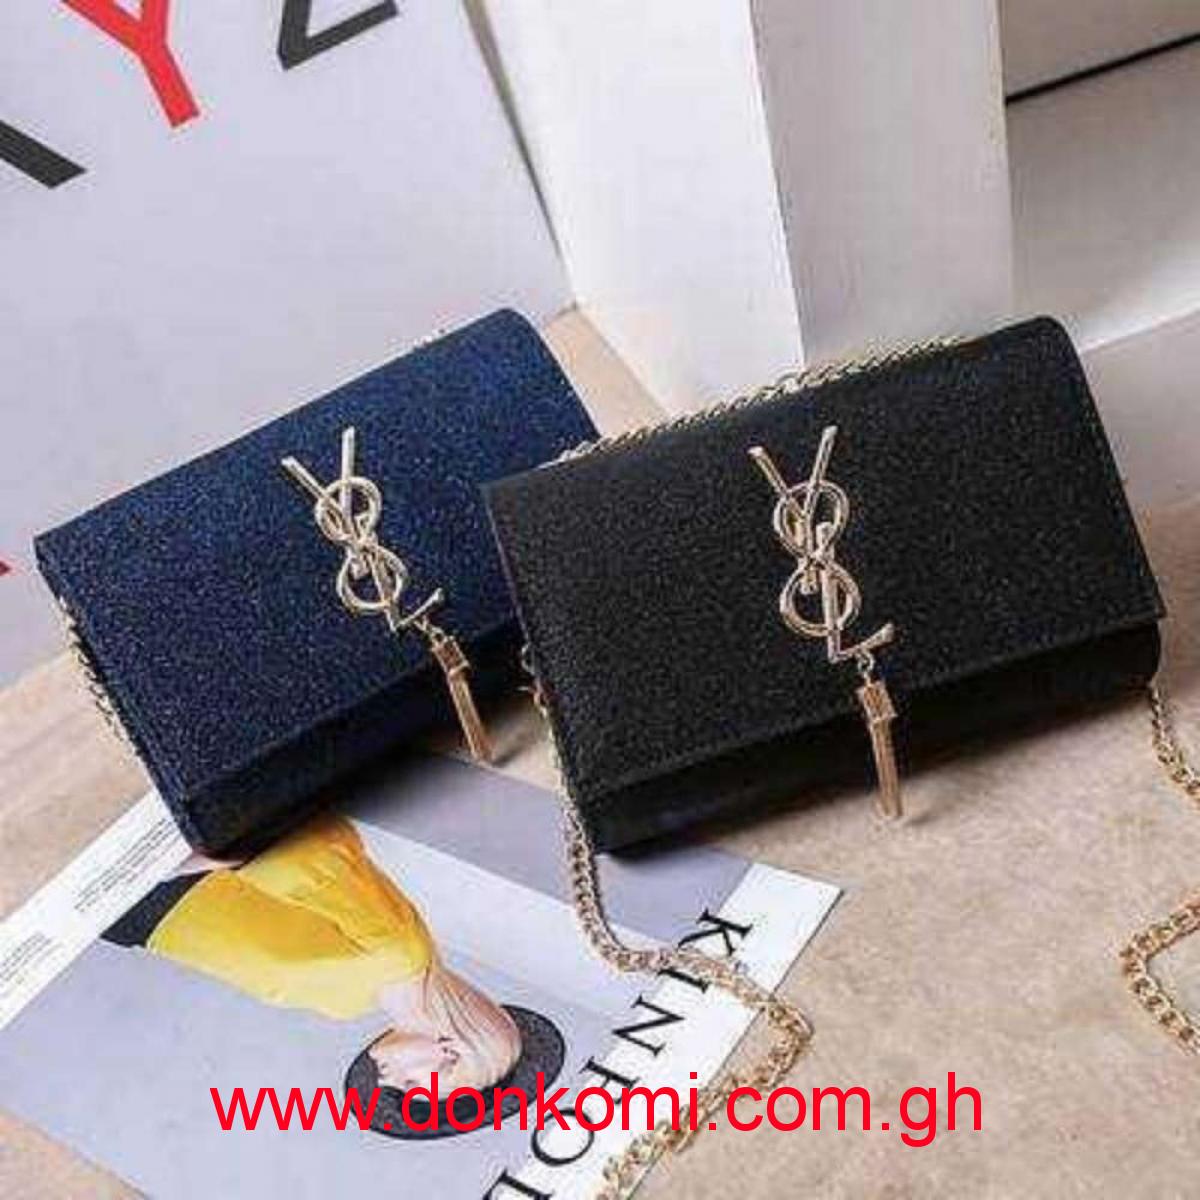 YSL bag/purse